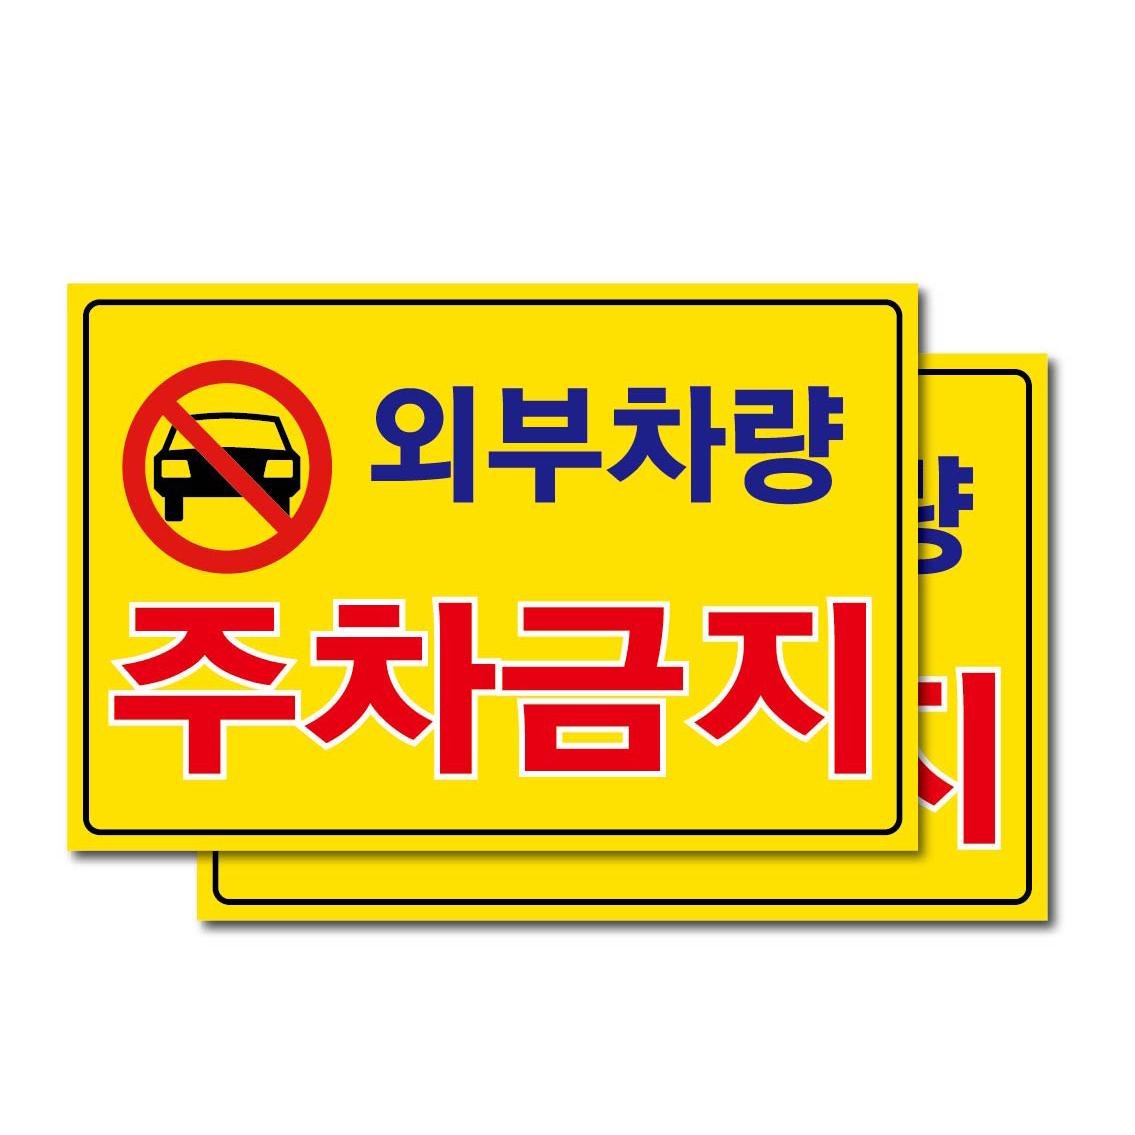 외부 차량 주차 금지 포맥스표 표지판 300 x 200 x 2 mm 101 (POP 1917615453)